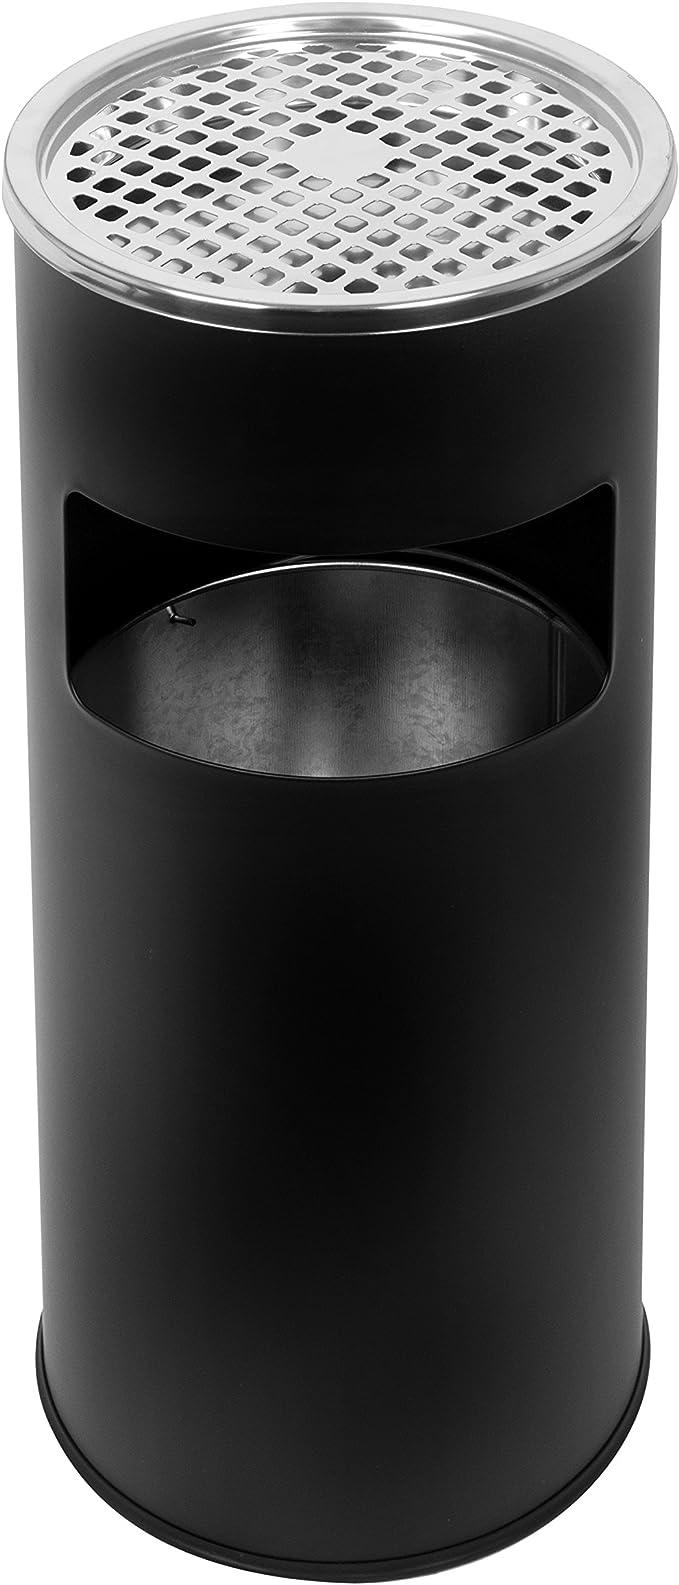 Standaschenbecher mit herausnehmbaren Mülleimer, Standabfallbehälter mit Aschenbecher für draußen, Standascher, 30 Liter in schwarz by Floyen Home